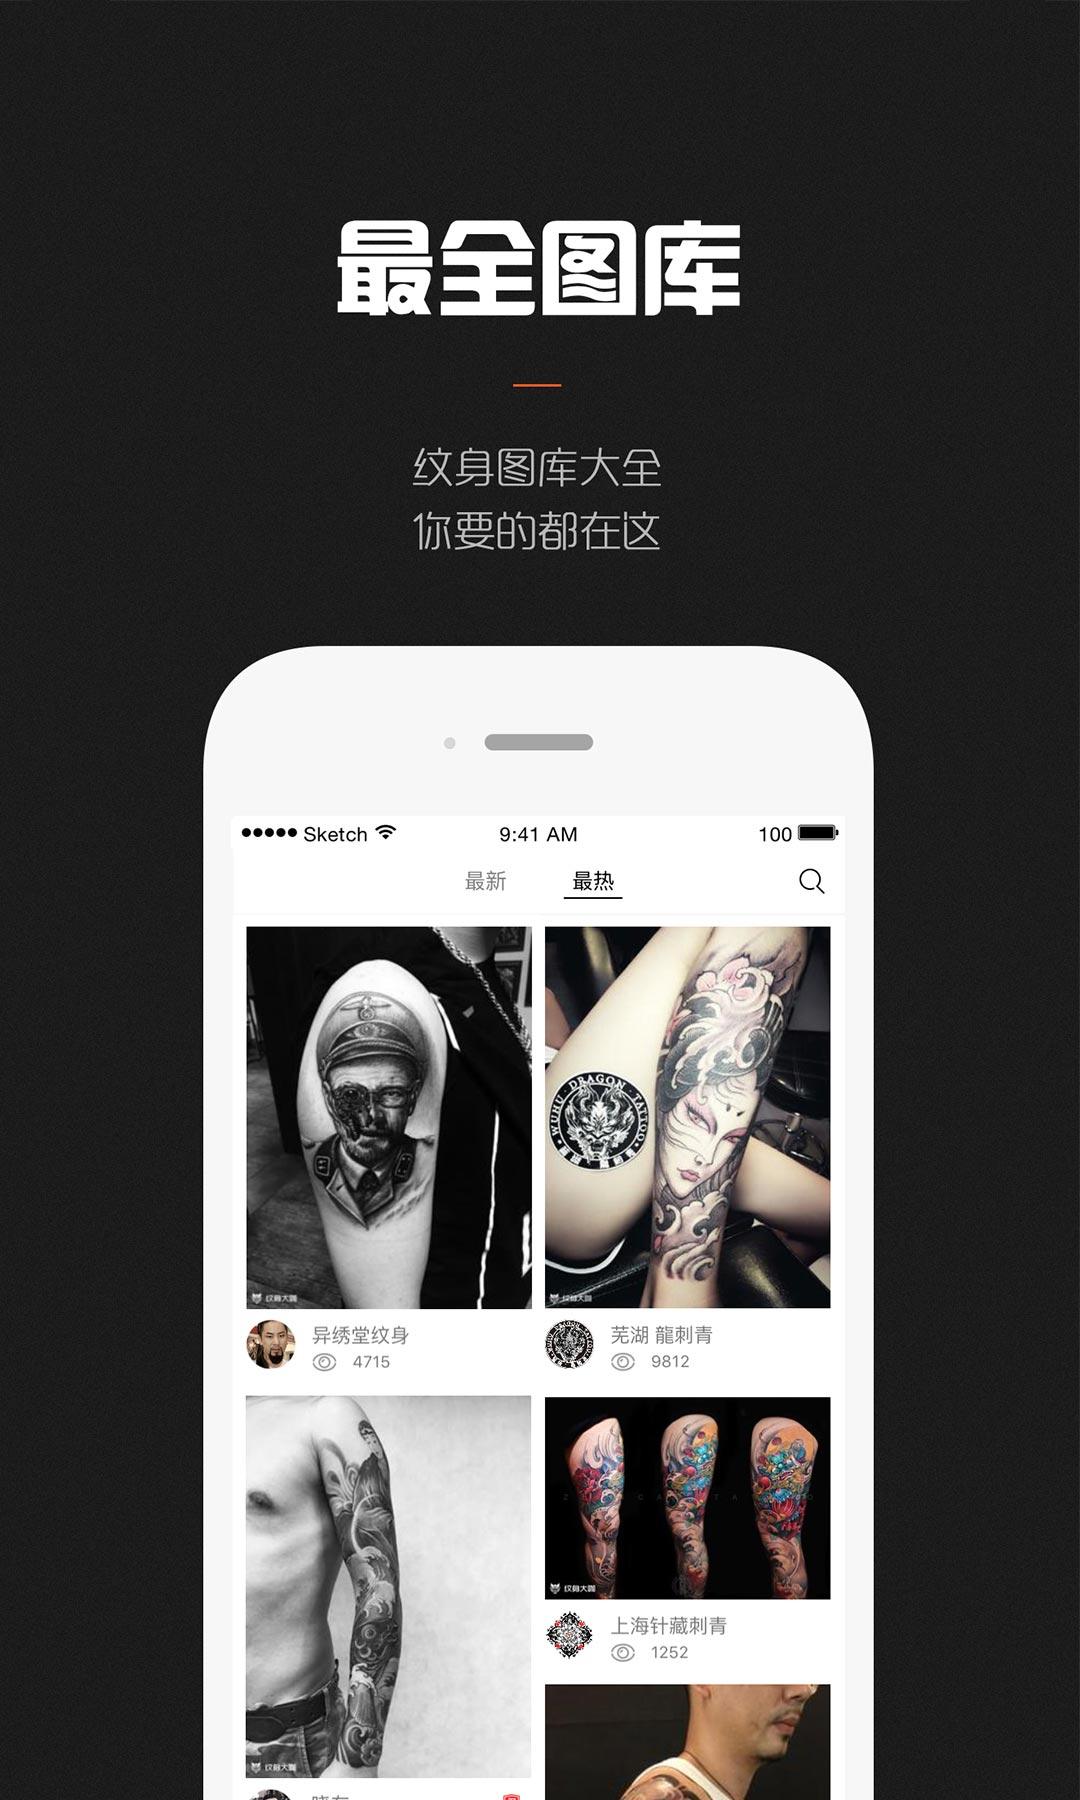 大咖纹身师遍布全中国100多个城市 将有超过100000名优秀纹身师在